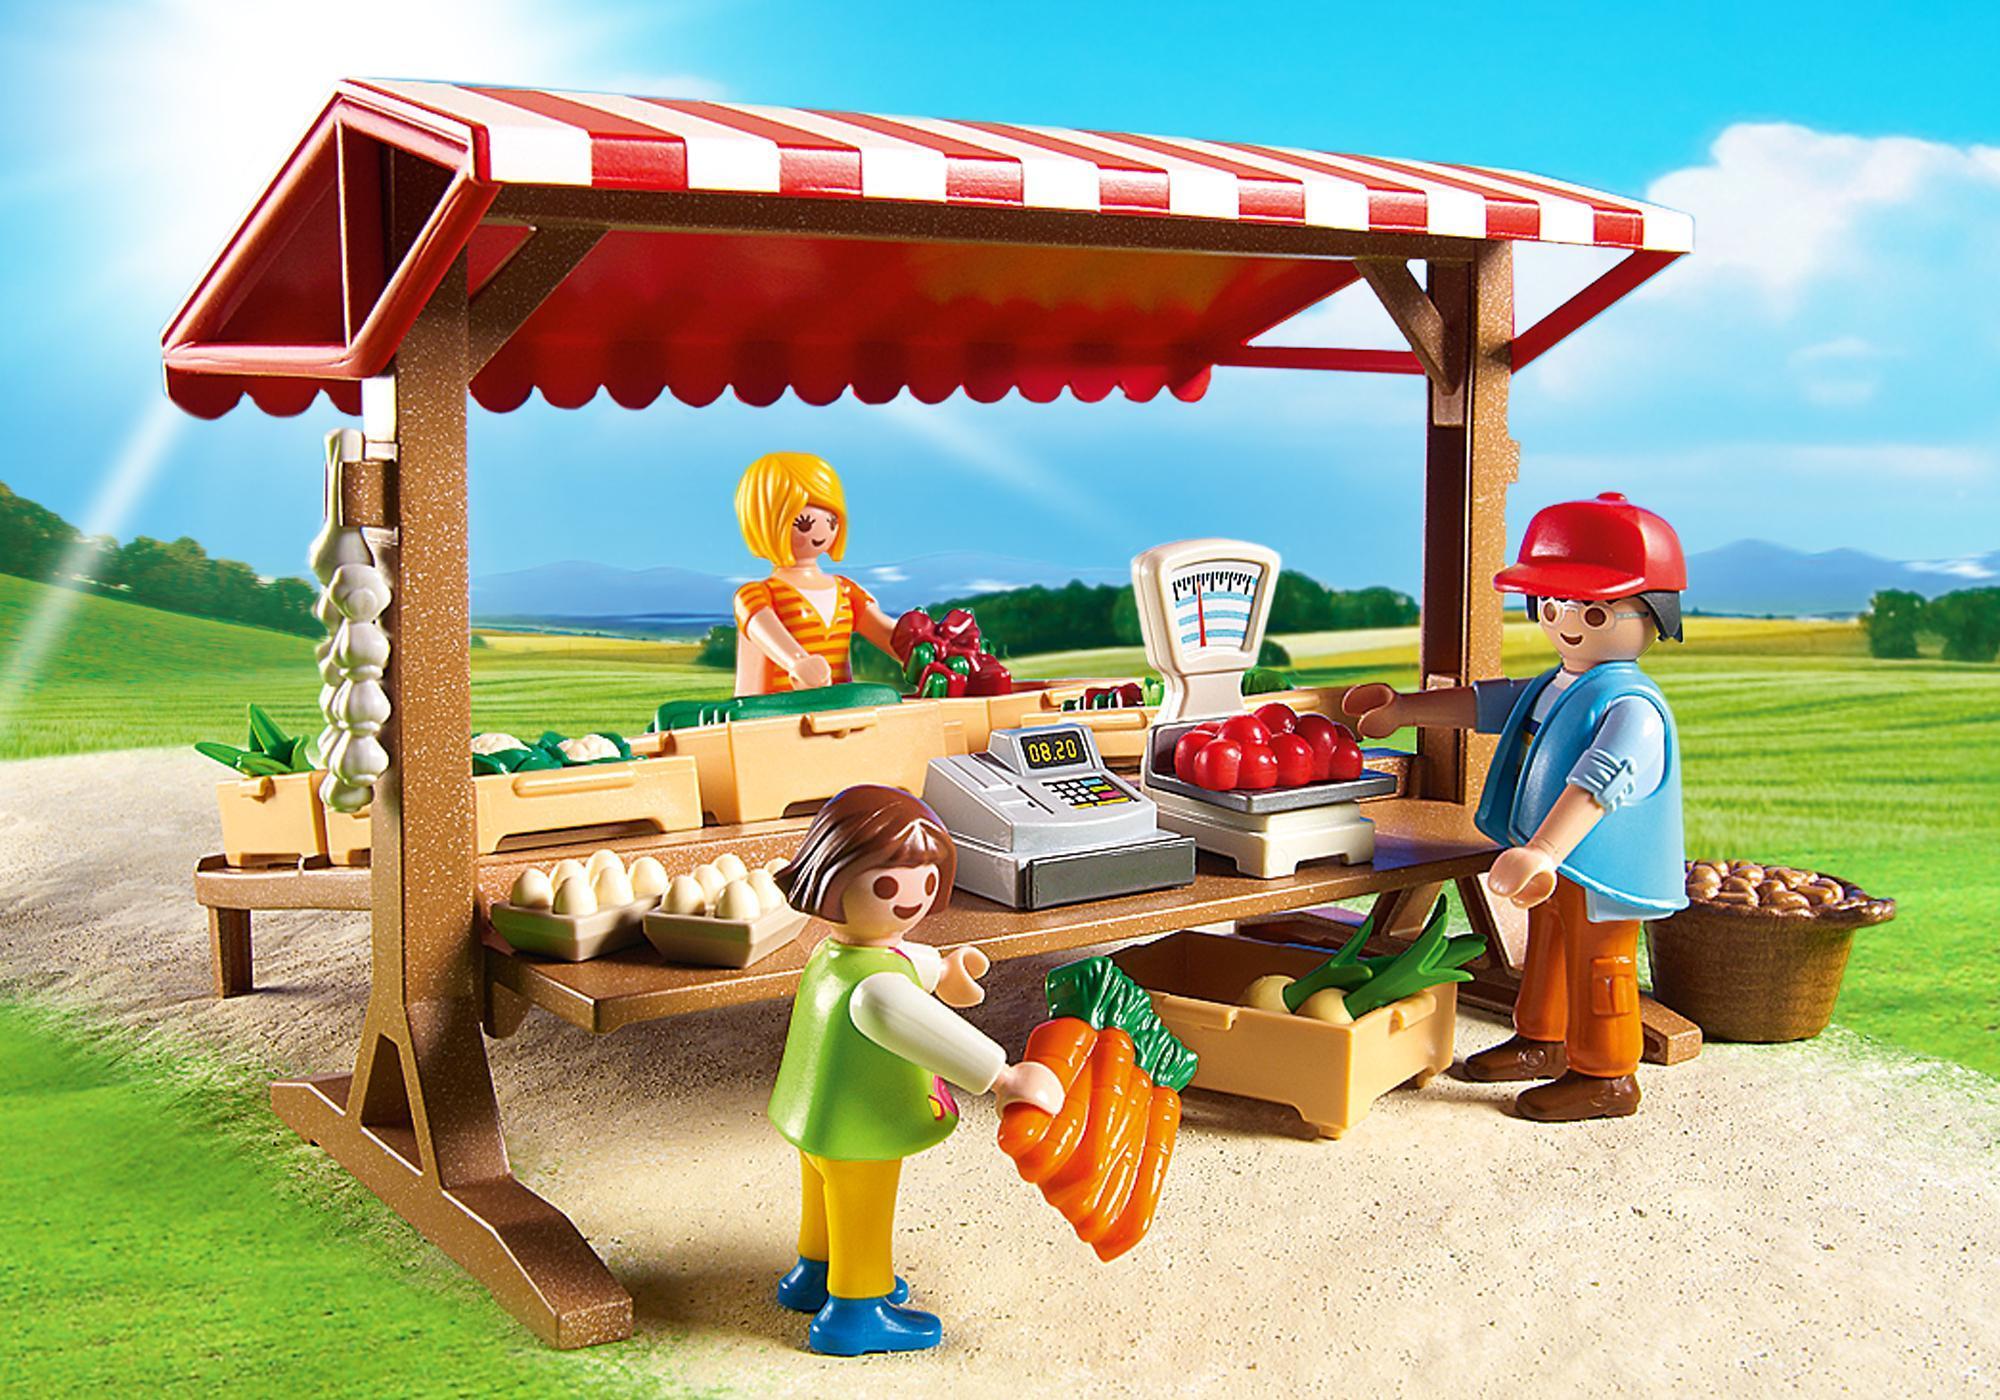 http://media.playmobil.com/i/playmobil/6121_product_extra1/Bancarella frutta e verdura